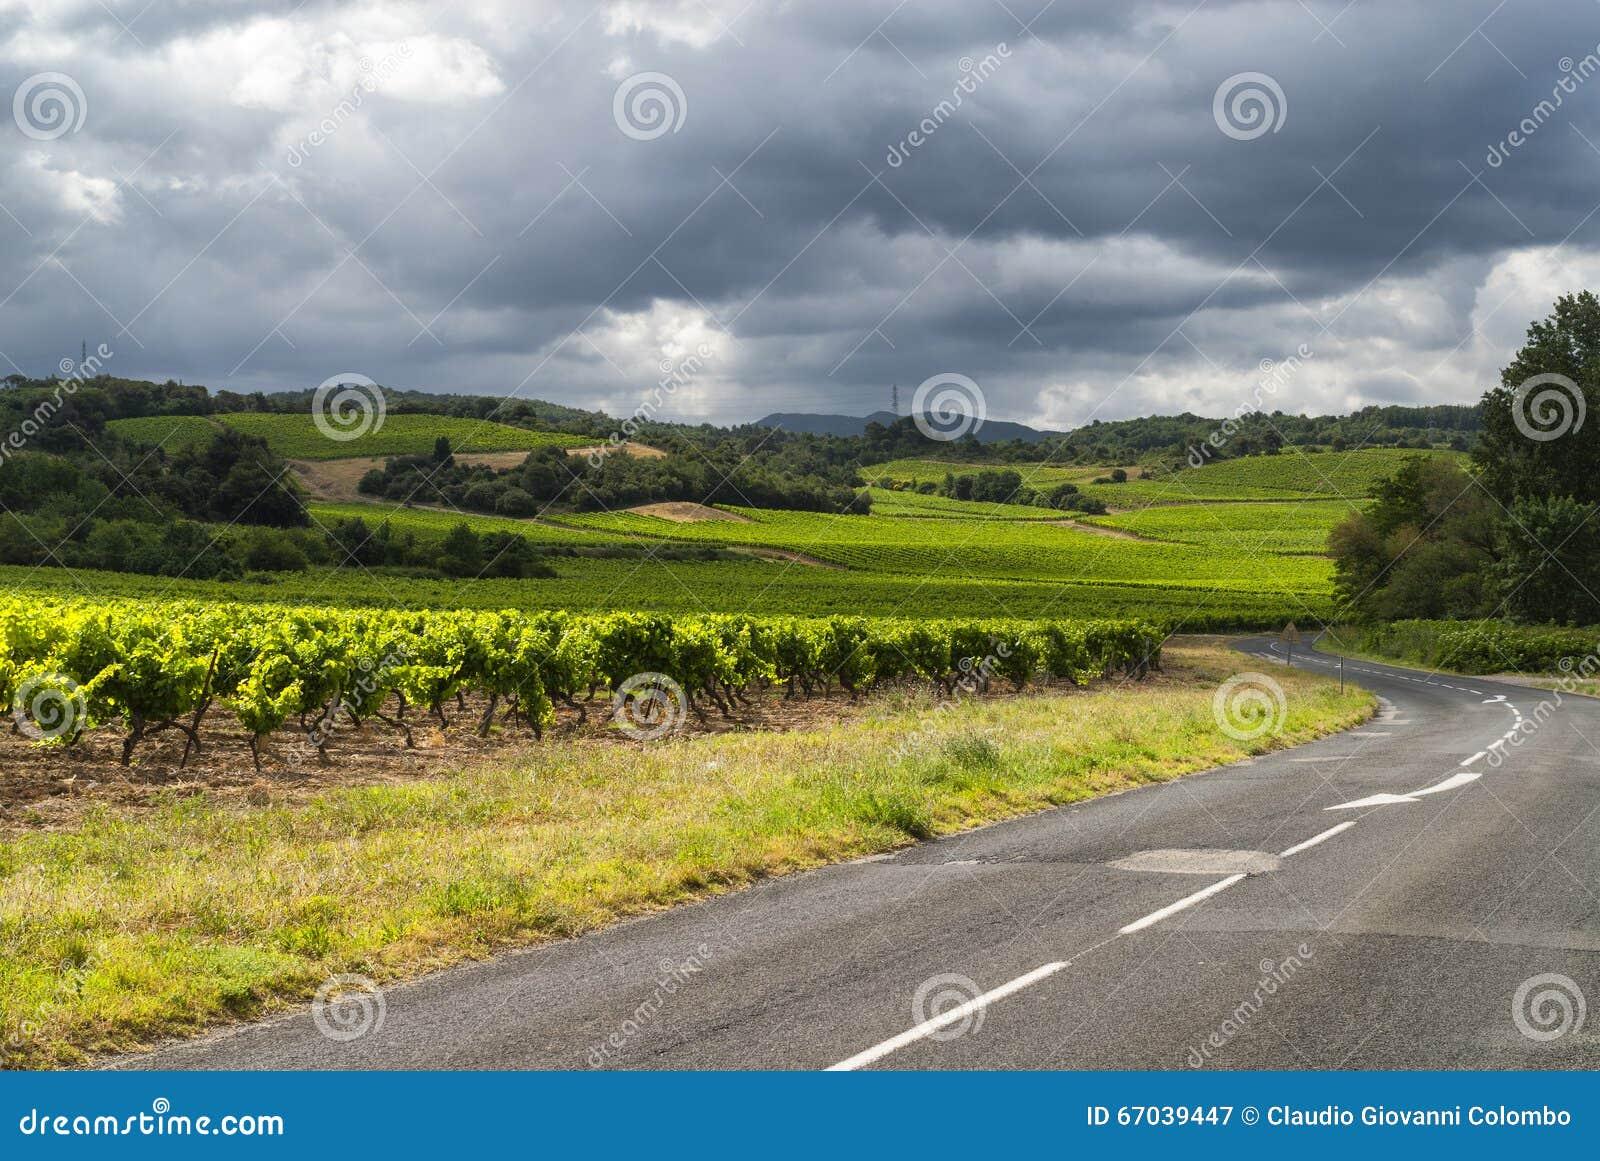 Vignoble près de Carcassonne (Frances)